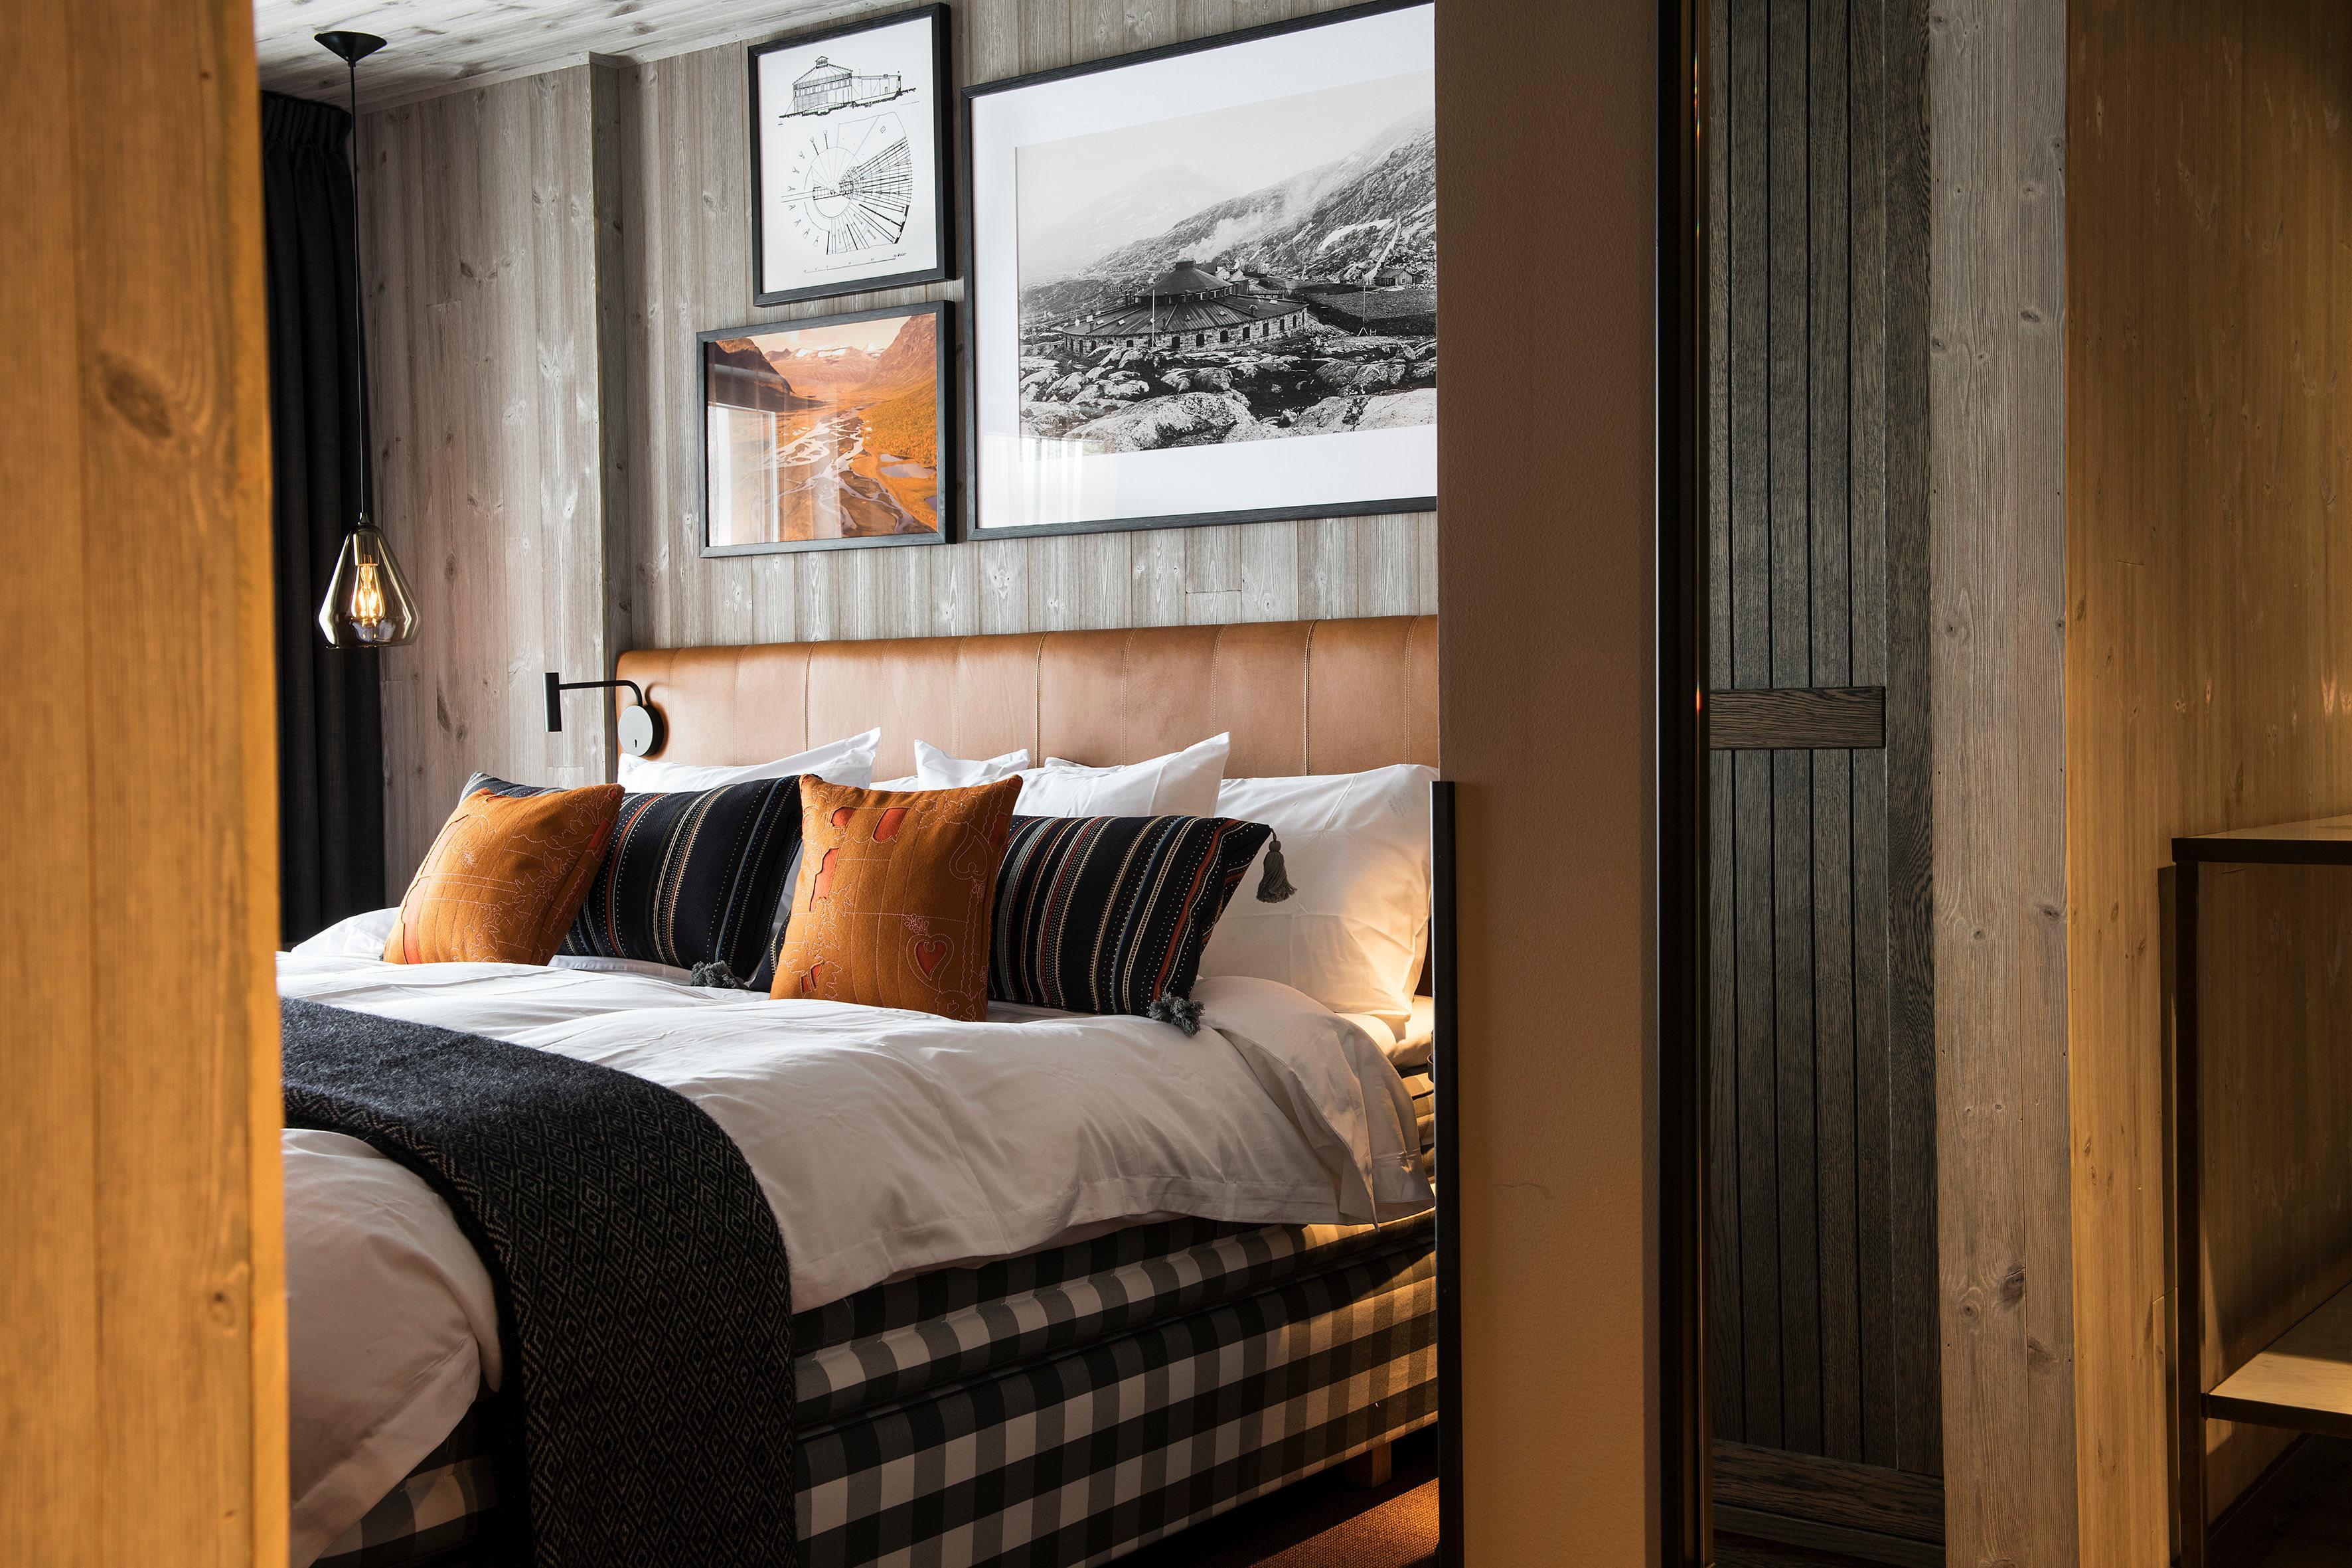 Couleurs et matériaux chaleureux dans les chambres. Au-dessus du lit, des photos montrent l'ancien atelier tel qu'il existait au début du siècle précédent.© Lars Thulin